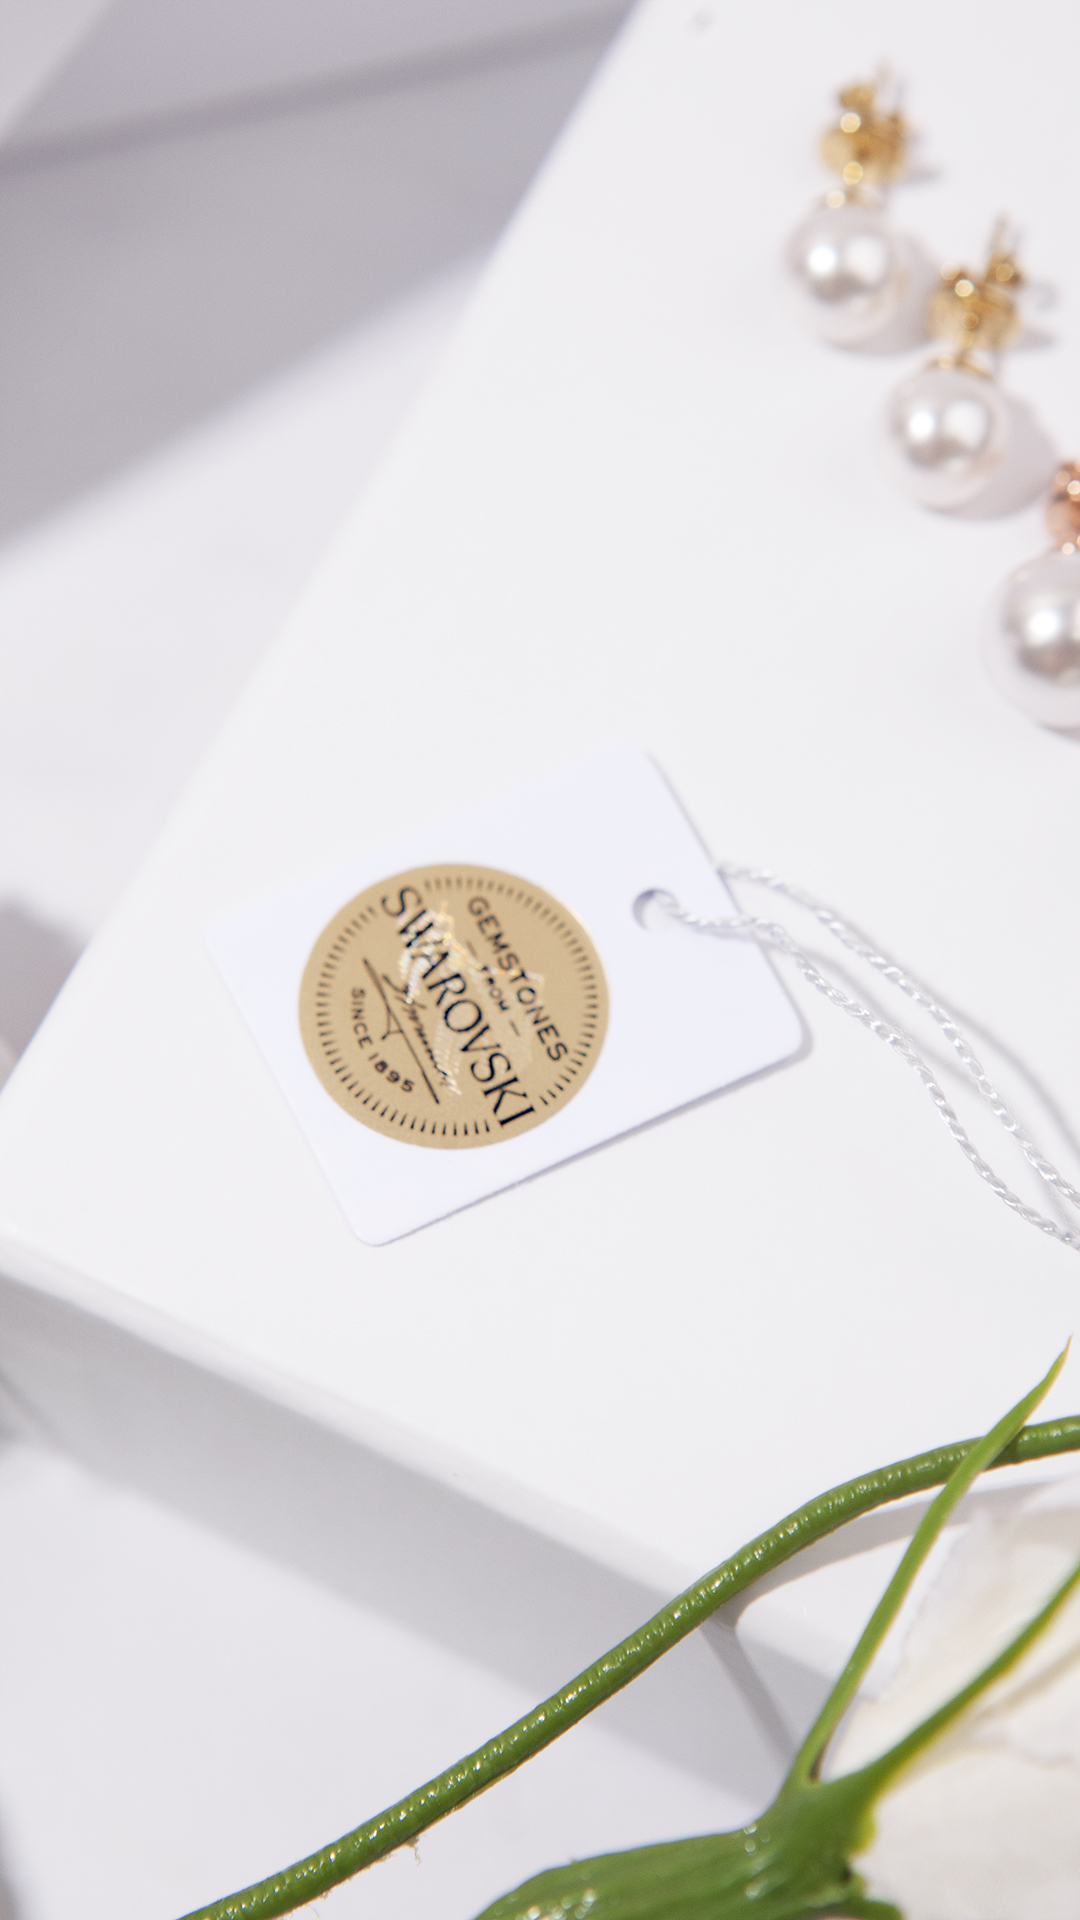 1ING[일링] 브랜드는 스와로브스키 공식 파트너사로 정품 인증 태그를 제공합니다.